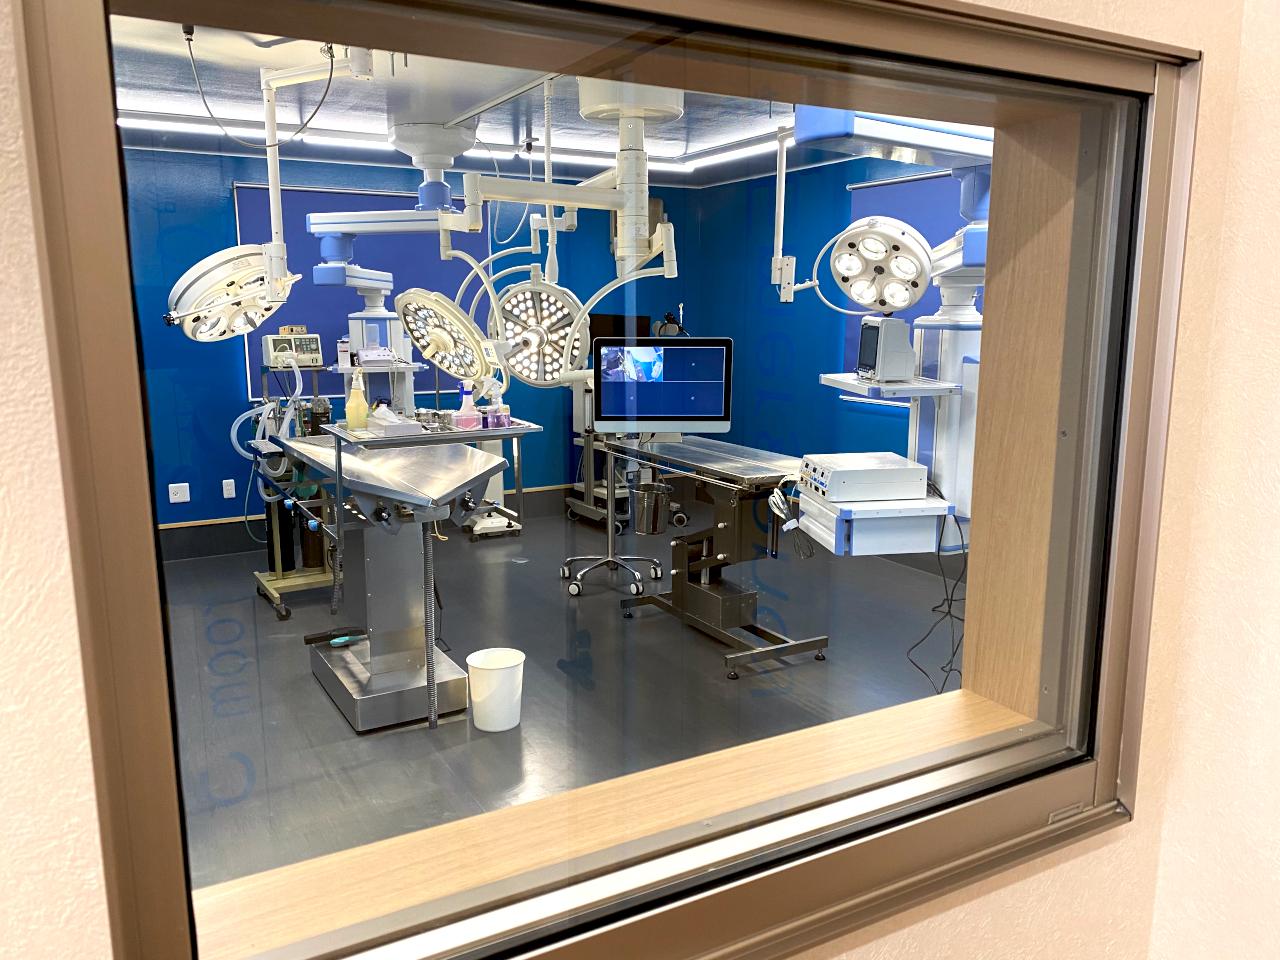 待合室から第一手術室を見ることができます